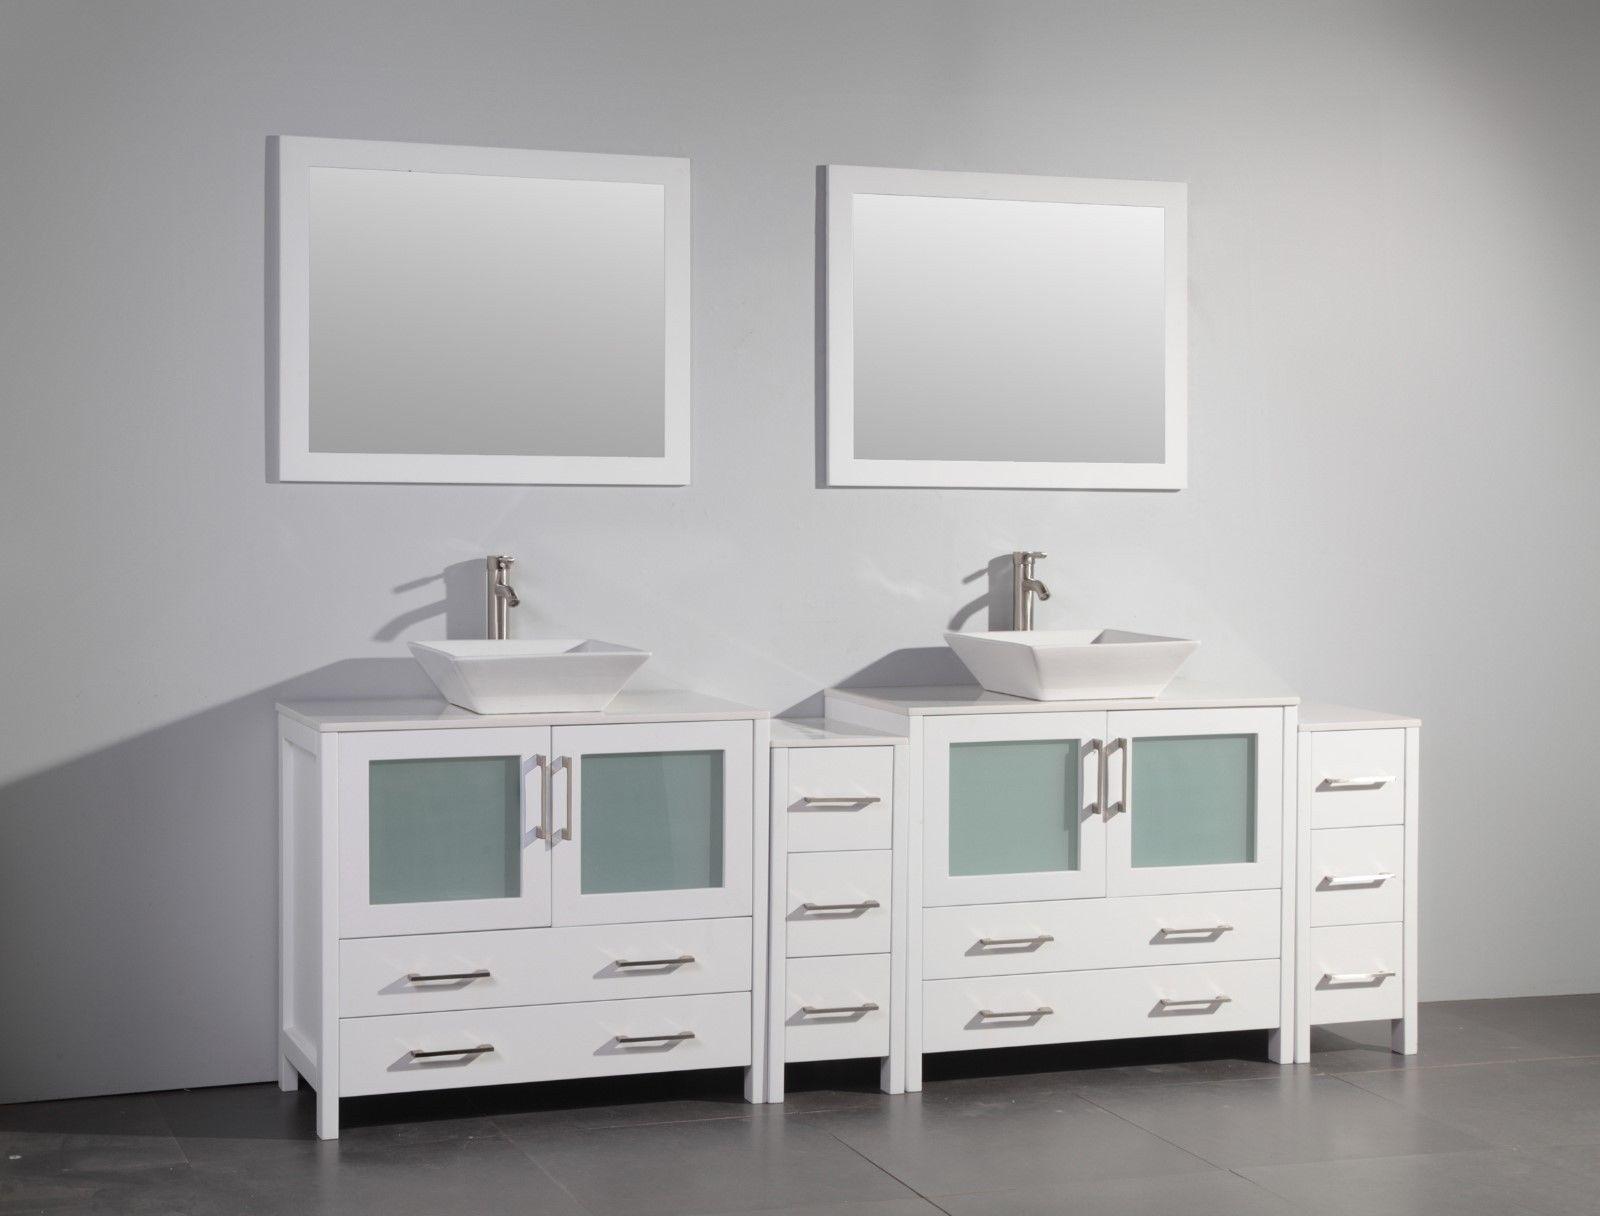 Vanity Art 96 Inch Double Sink Bathroom Vanity Set With Ceramic Top VA3136